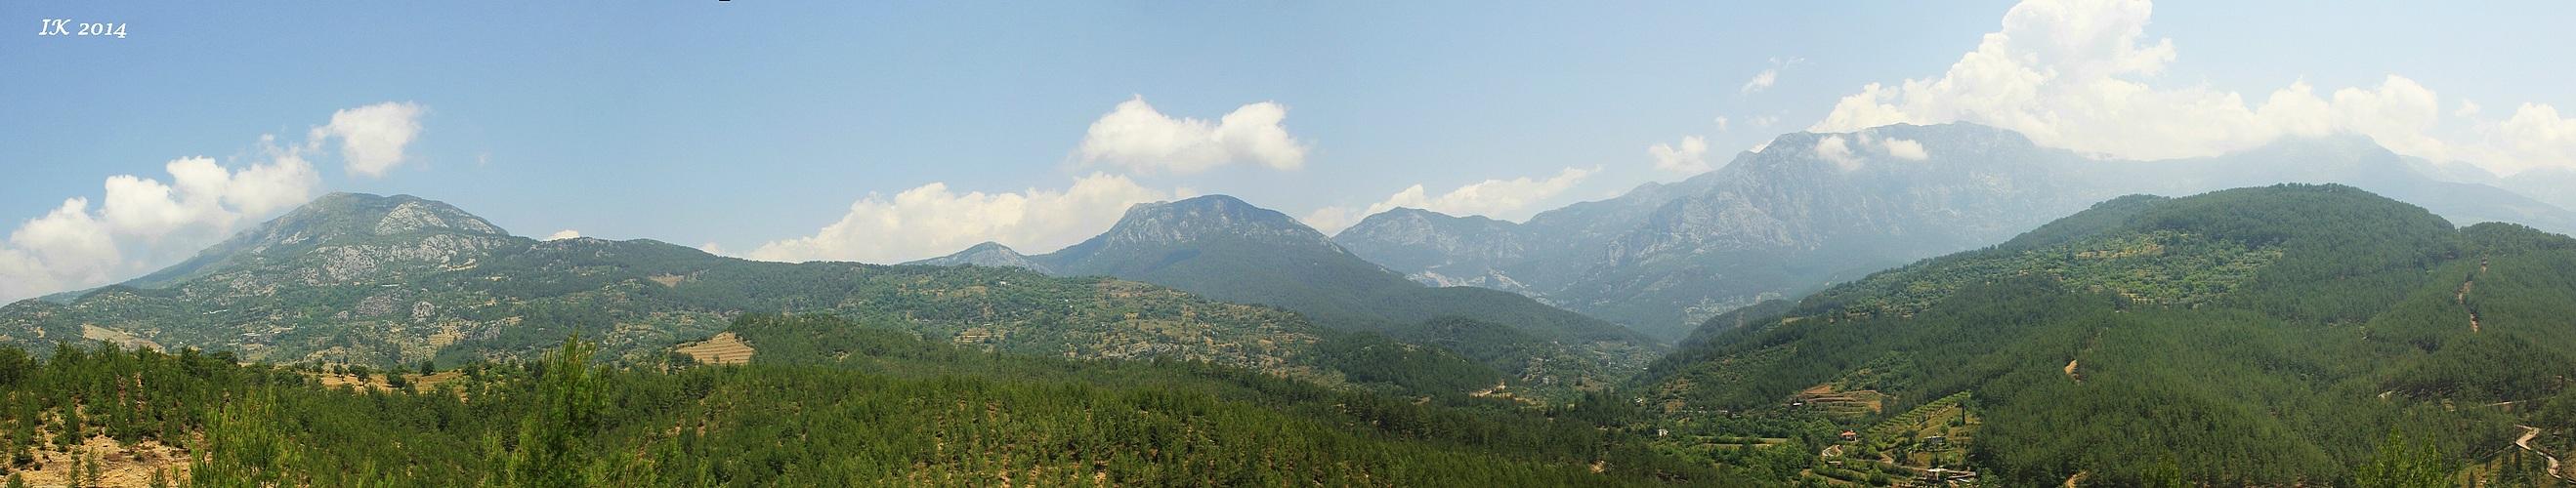 Taurusgebirge - Türkische Riviera